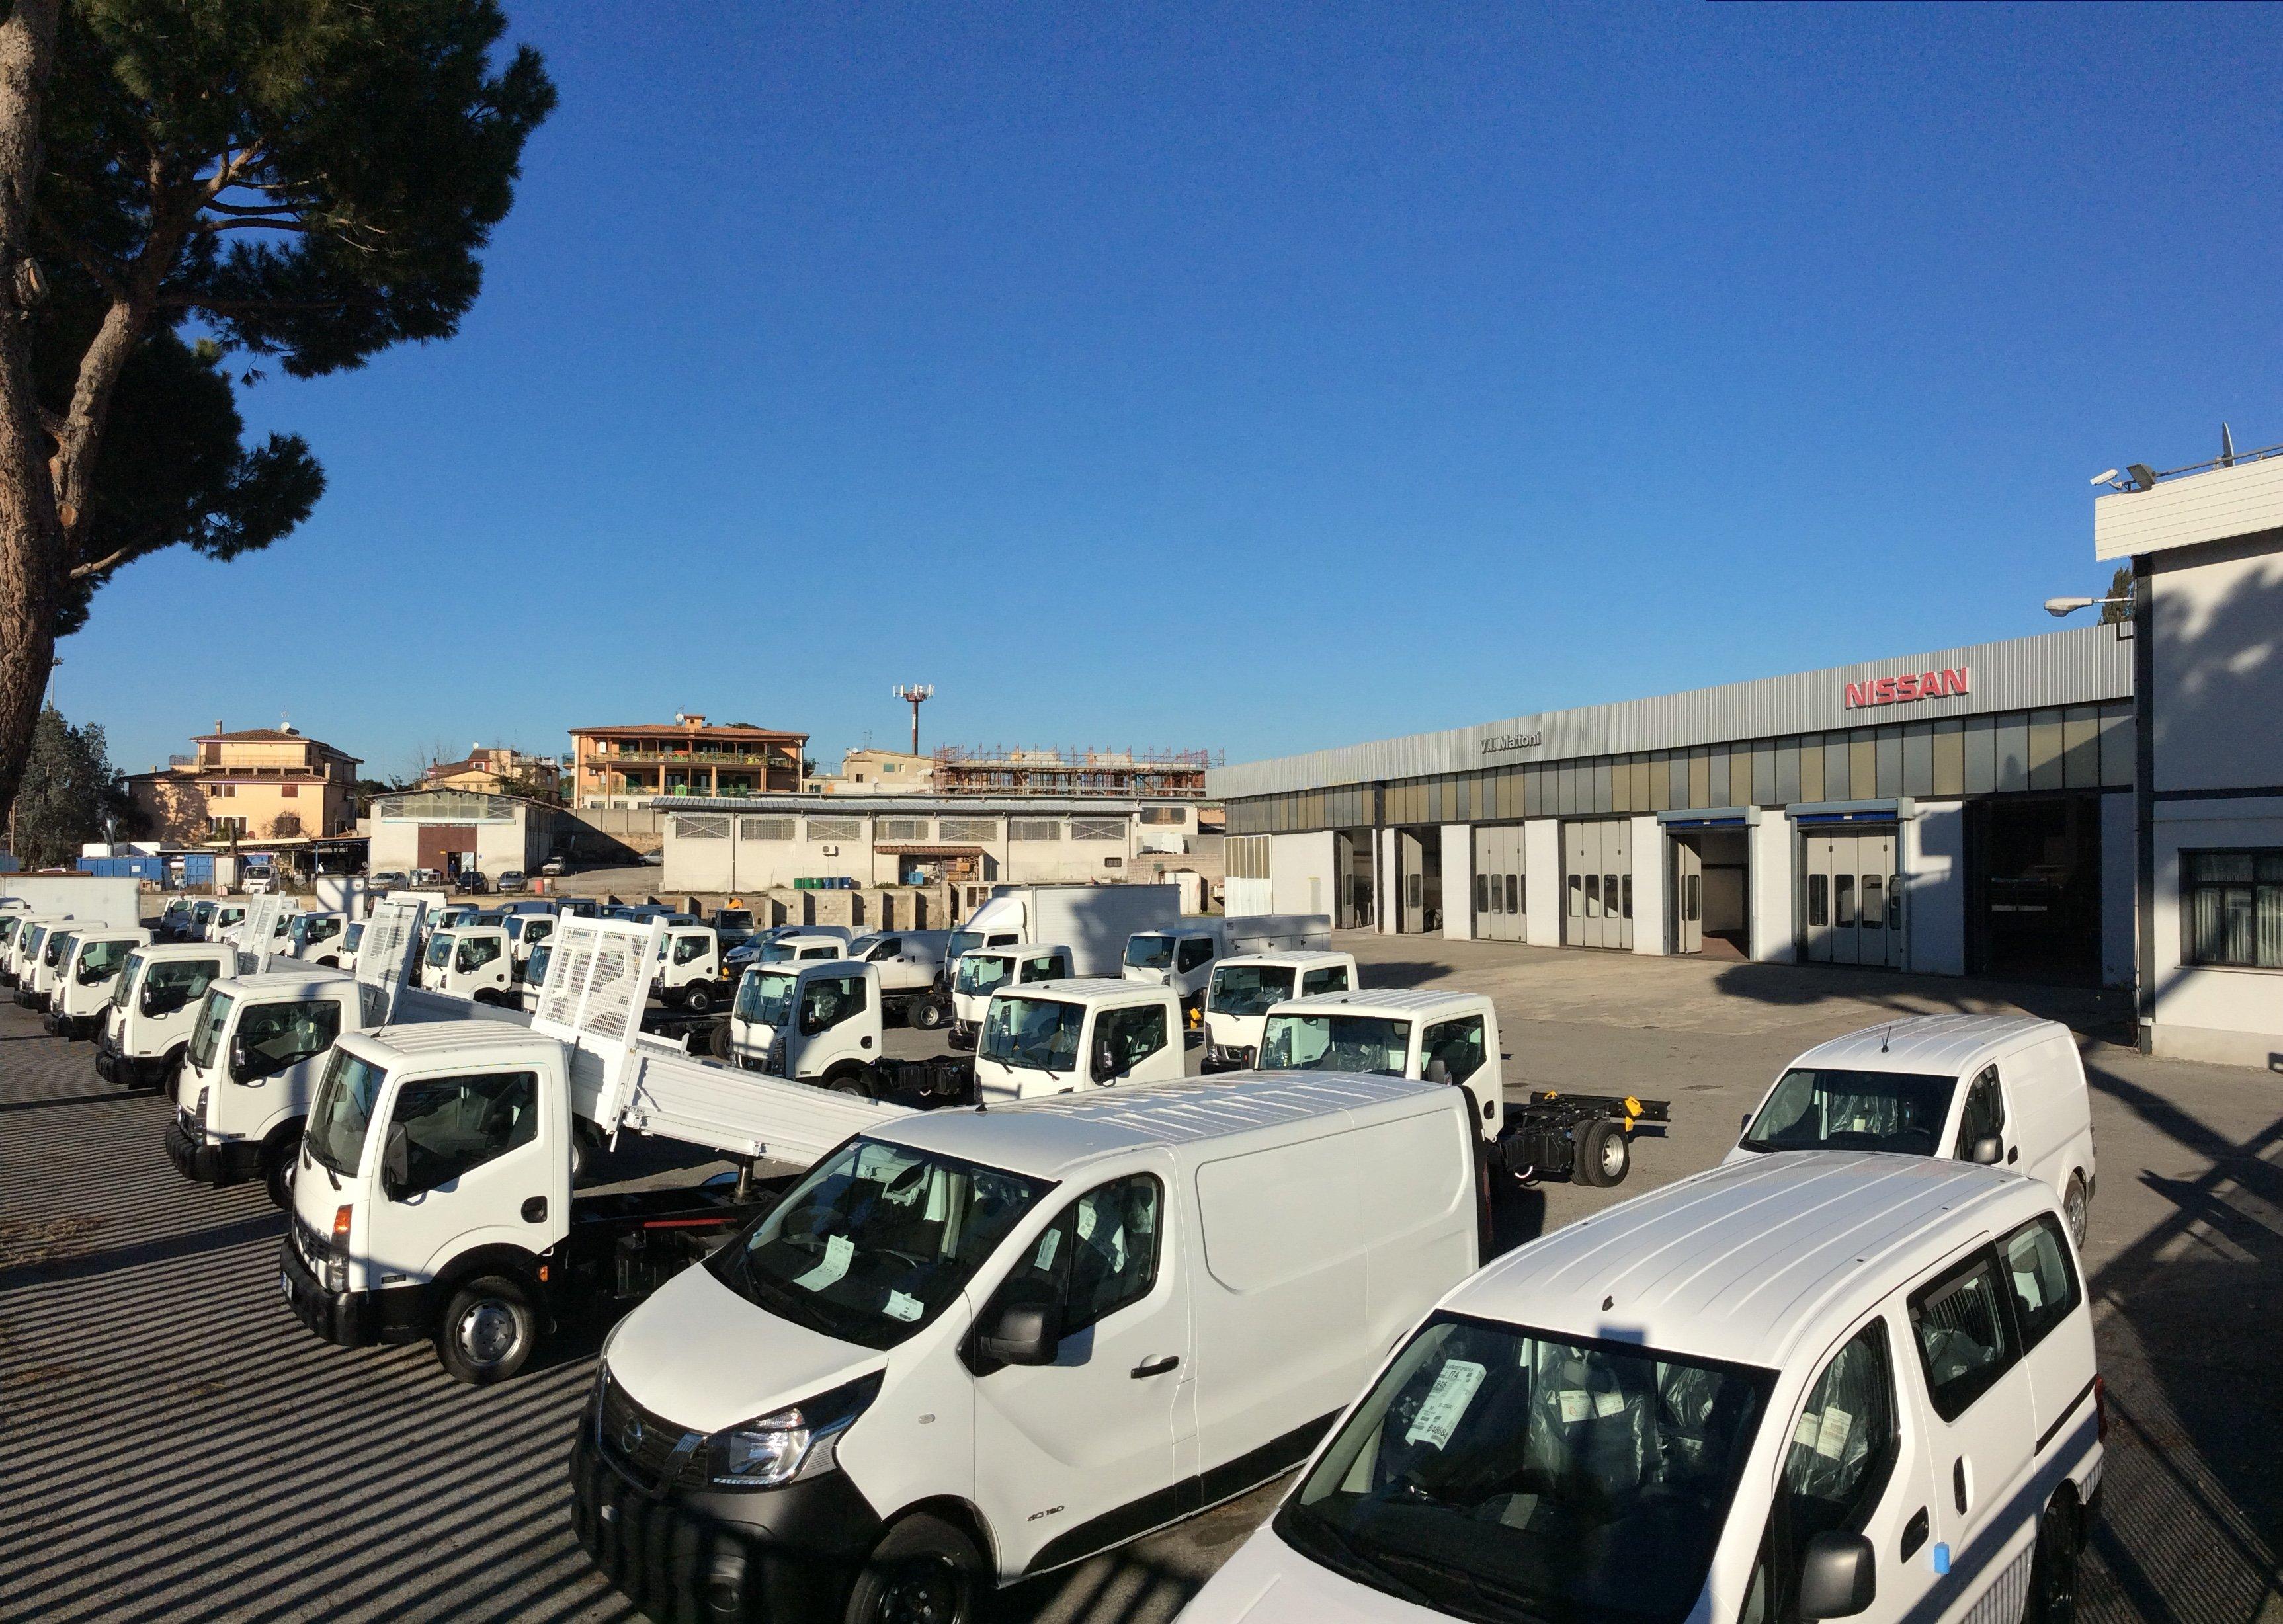 Parcheggio veicoli commerciali